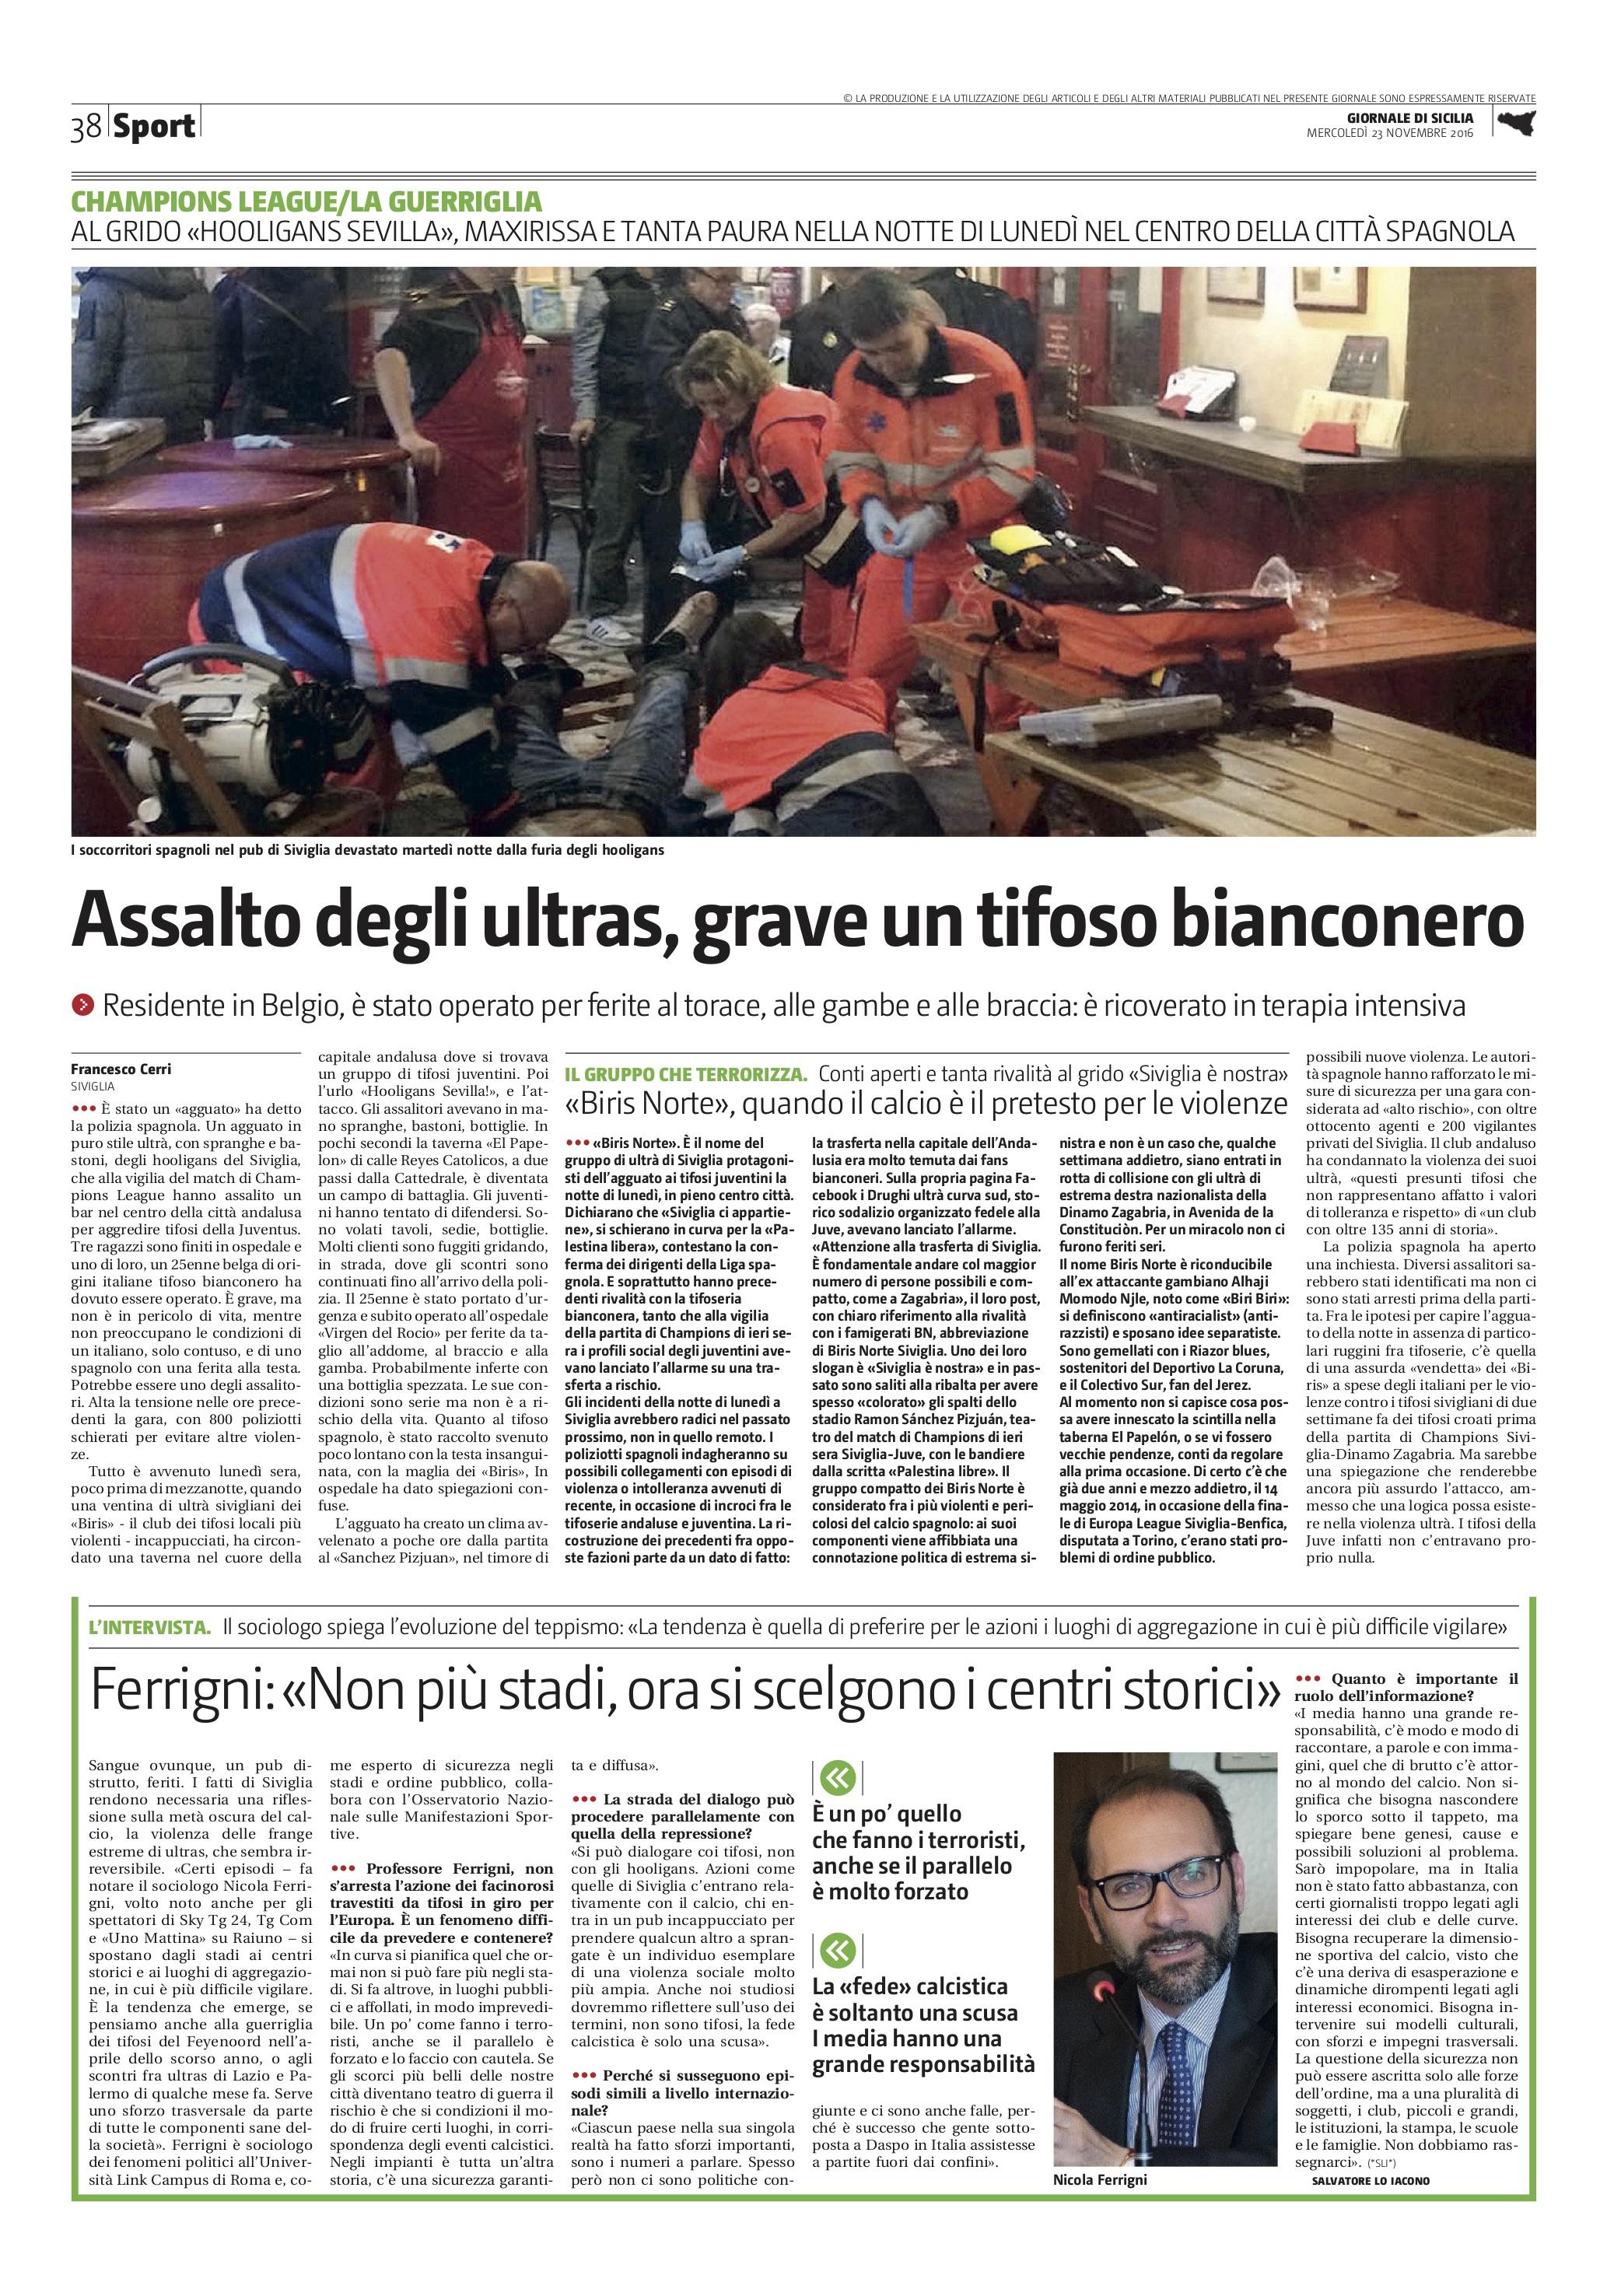 2016_11_23_Il Giornale di Sicilia_pag. 38